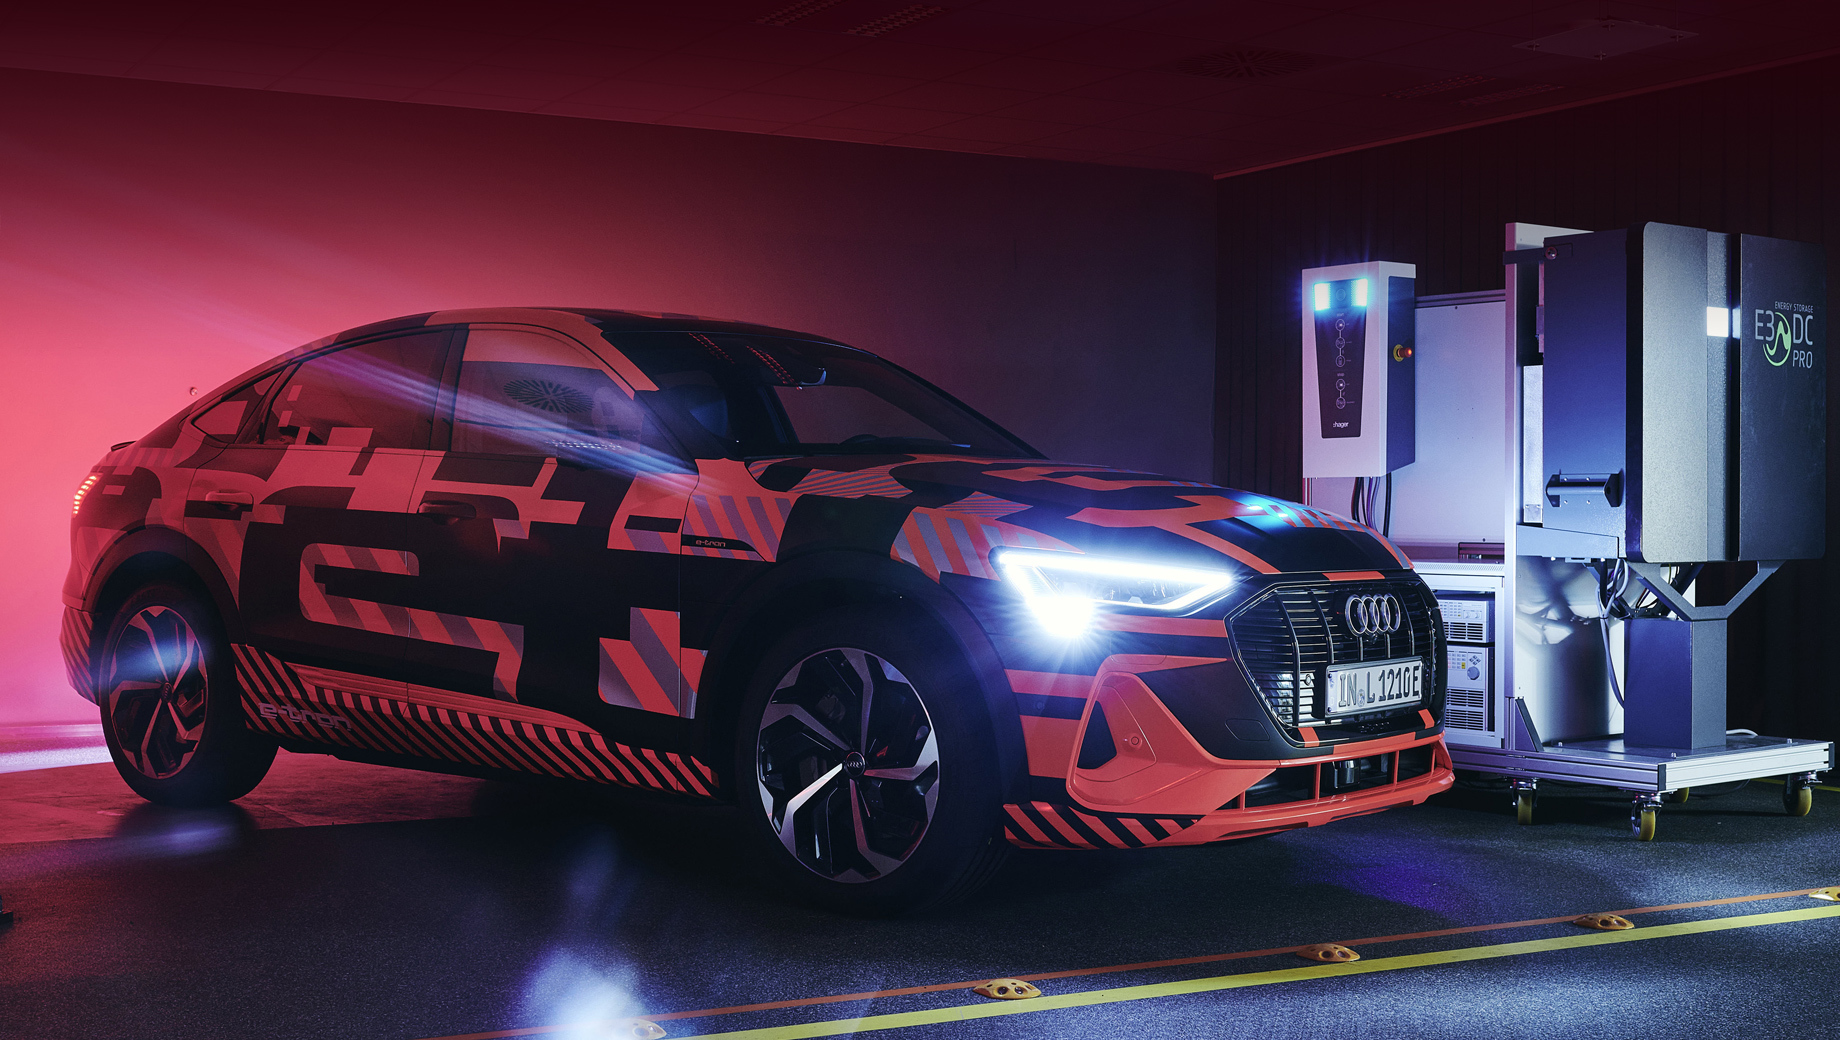 Идея двунаправленной зарядки придумана давно: первые опыты использования тяговой батареи авто в качестве буфера ставили еще в «Ниссан» почти 10 лет назад. Однако в последние годы технология все более и более усложнялась, и на днях инновационный пример в этой области продемонстрировали в «Ауди» и Hager Group.